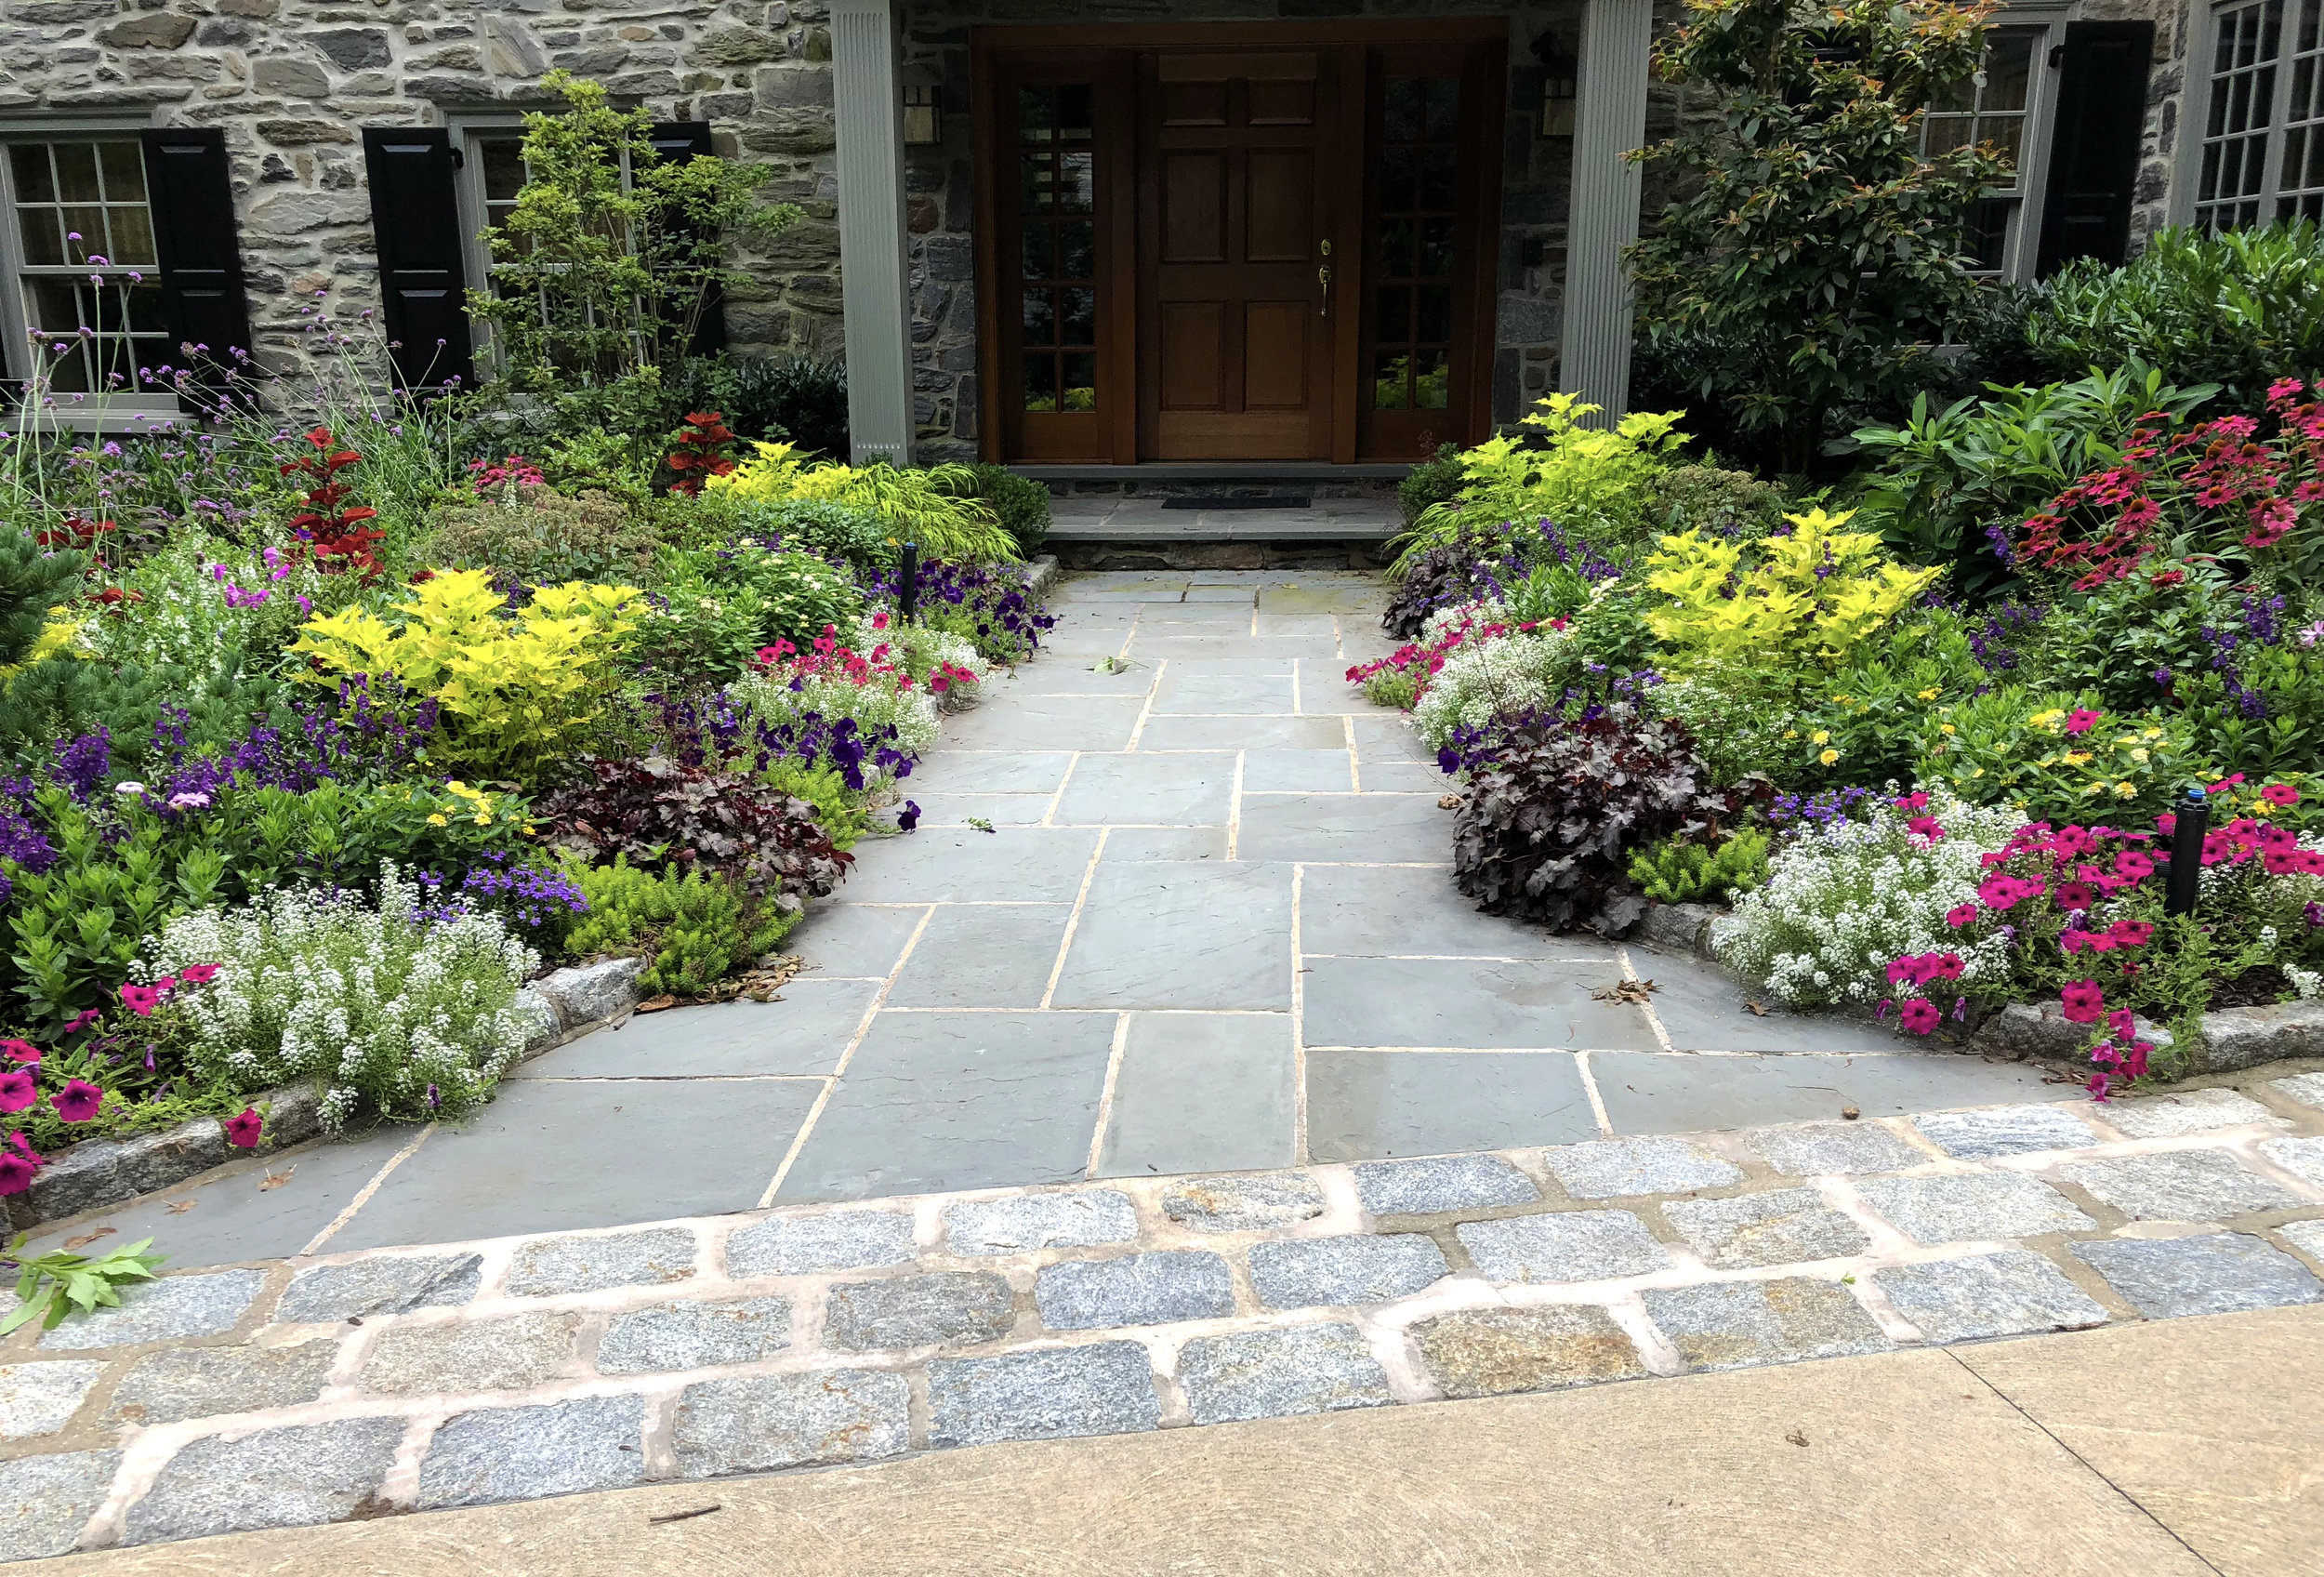 Annuals_Summer_Flowers_walkway_01_20190223.jpg